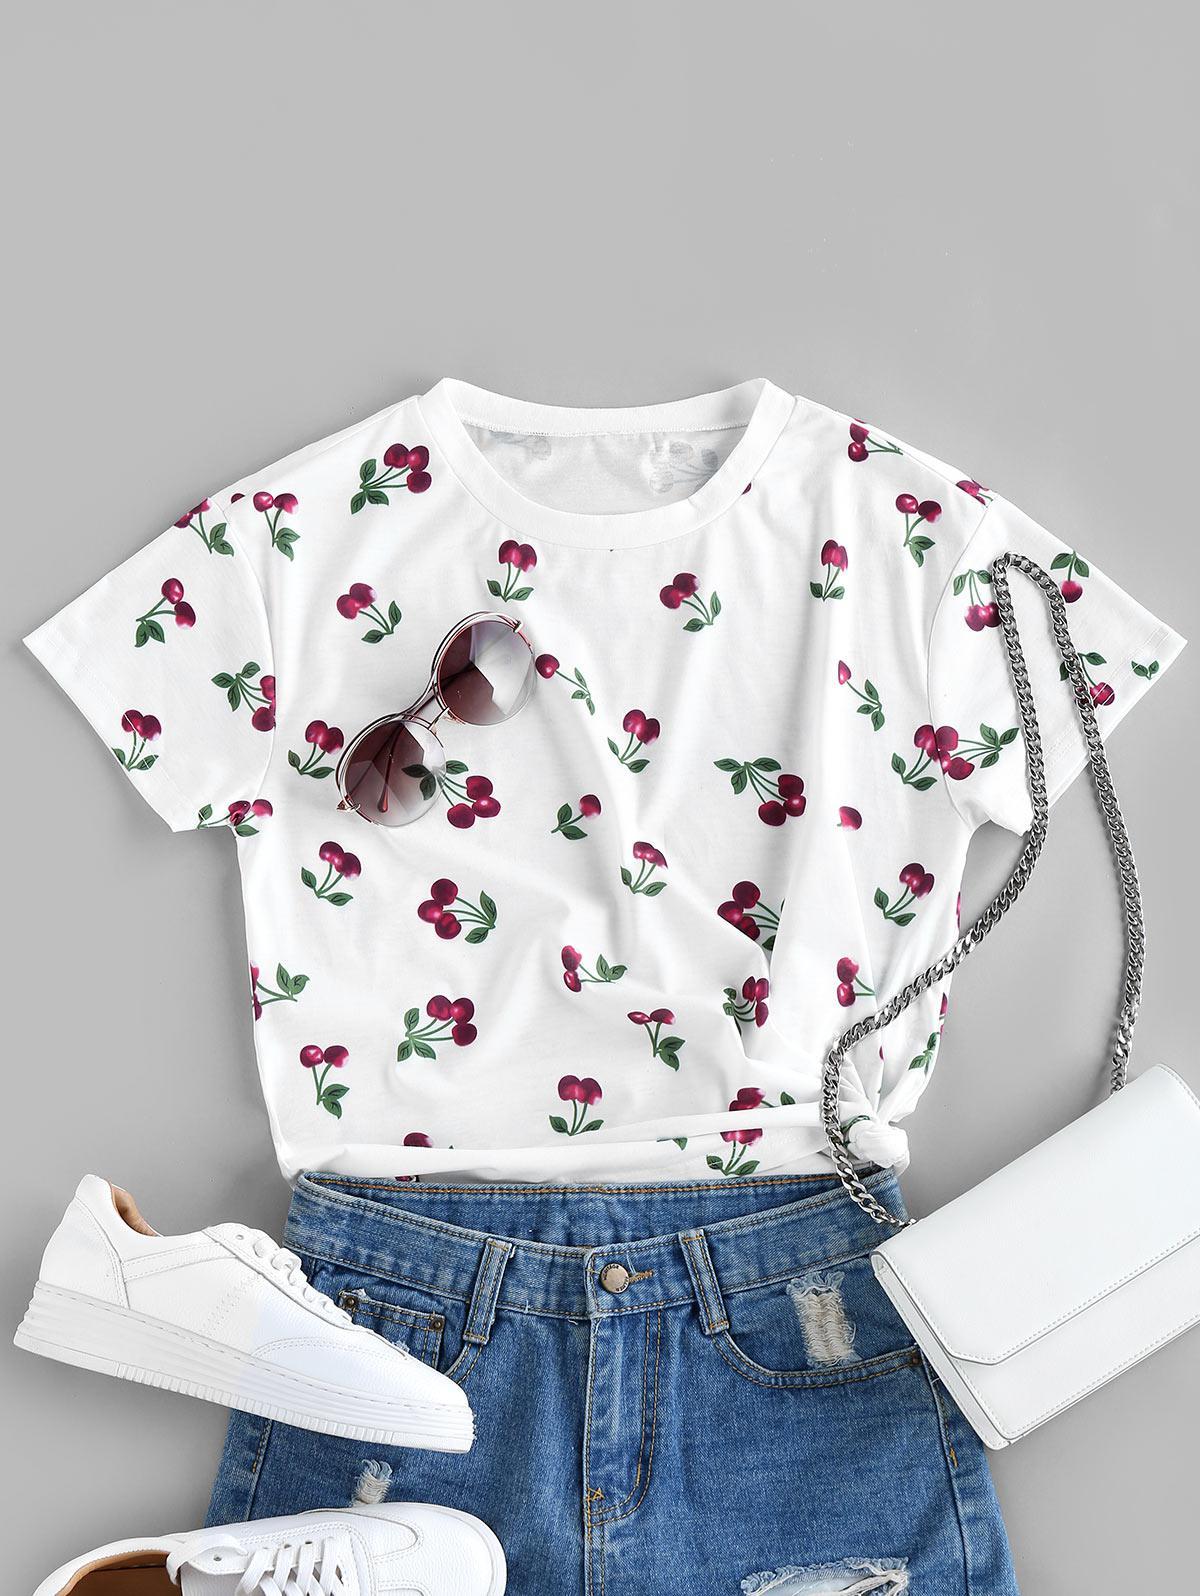 ZAFUL Cherry Pattern T-shirt